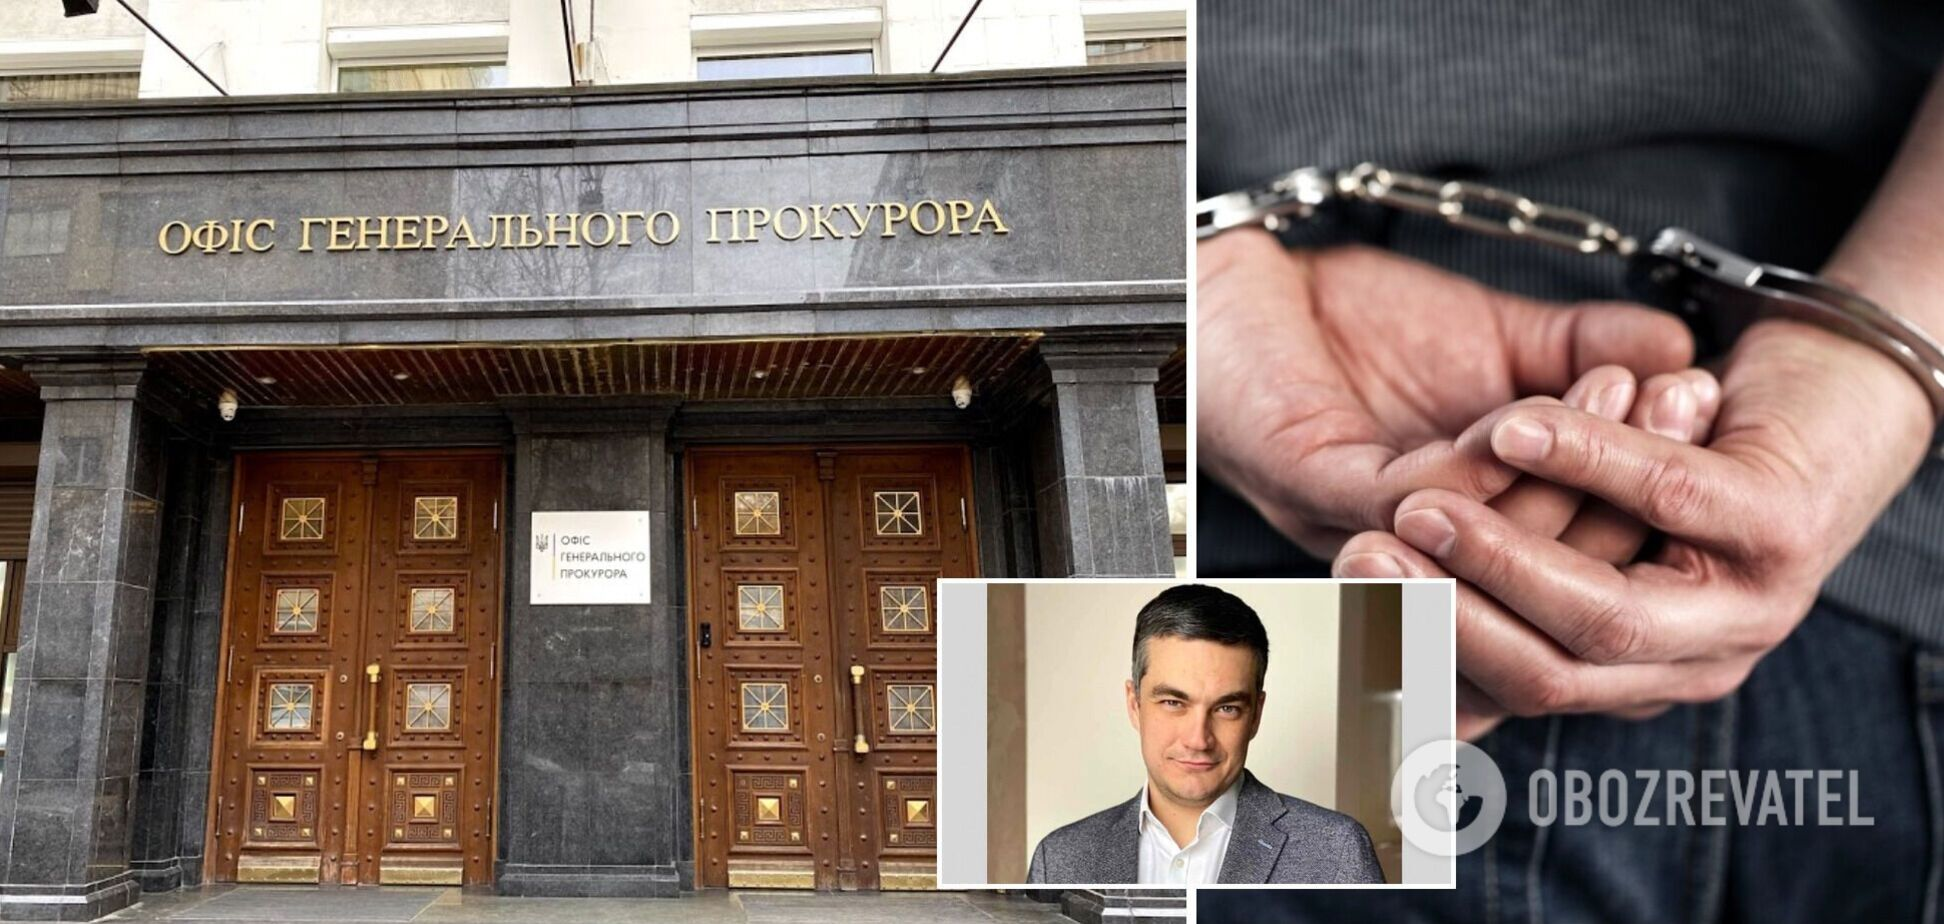 Стало відомо ім'я експосадовця РНБО, якого заарештували за підозрою в держзраді. Фото